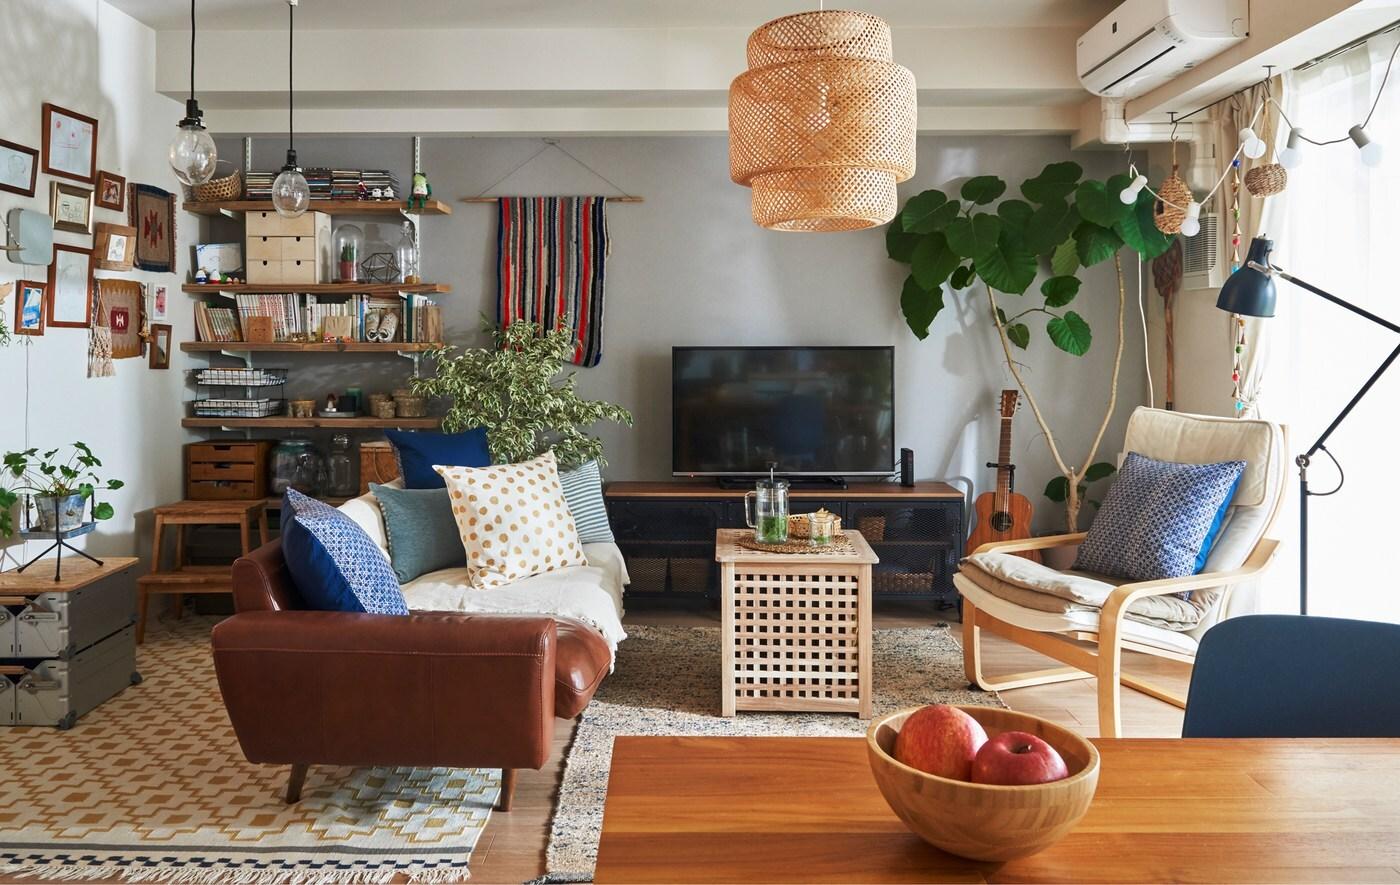 Lien vers IDÉE 'Visite guidée : petit appart urbain, conçu pour les activités familiales ' - image de salon aux textures naturelles et plantes.